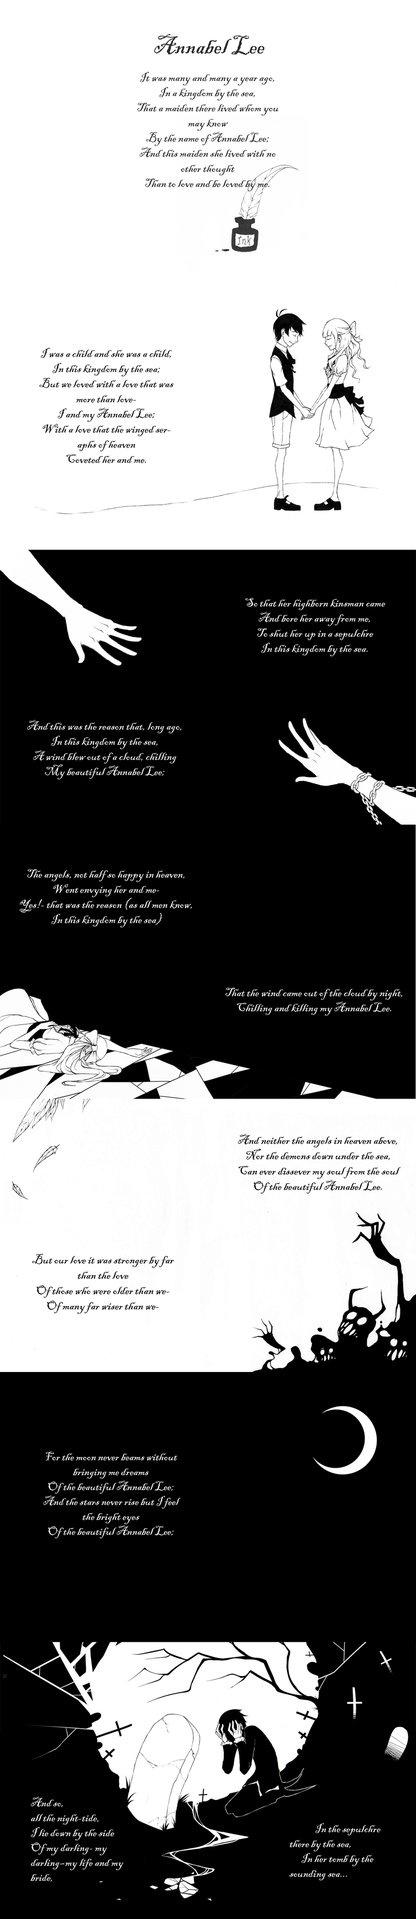 Annabel Lee by Edgar Allen Poe. My favorite piece of poetry.